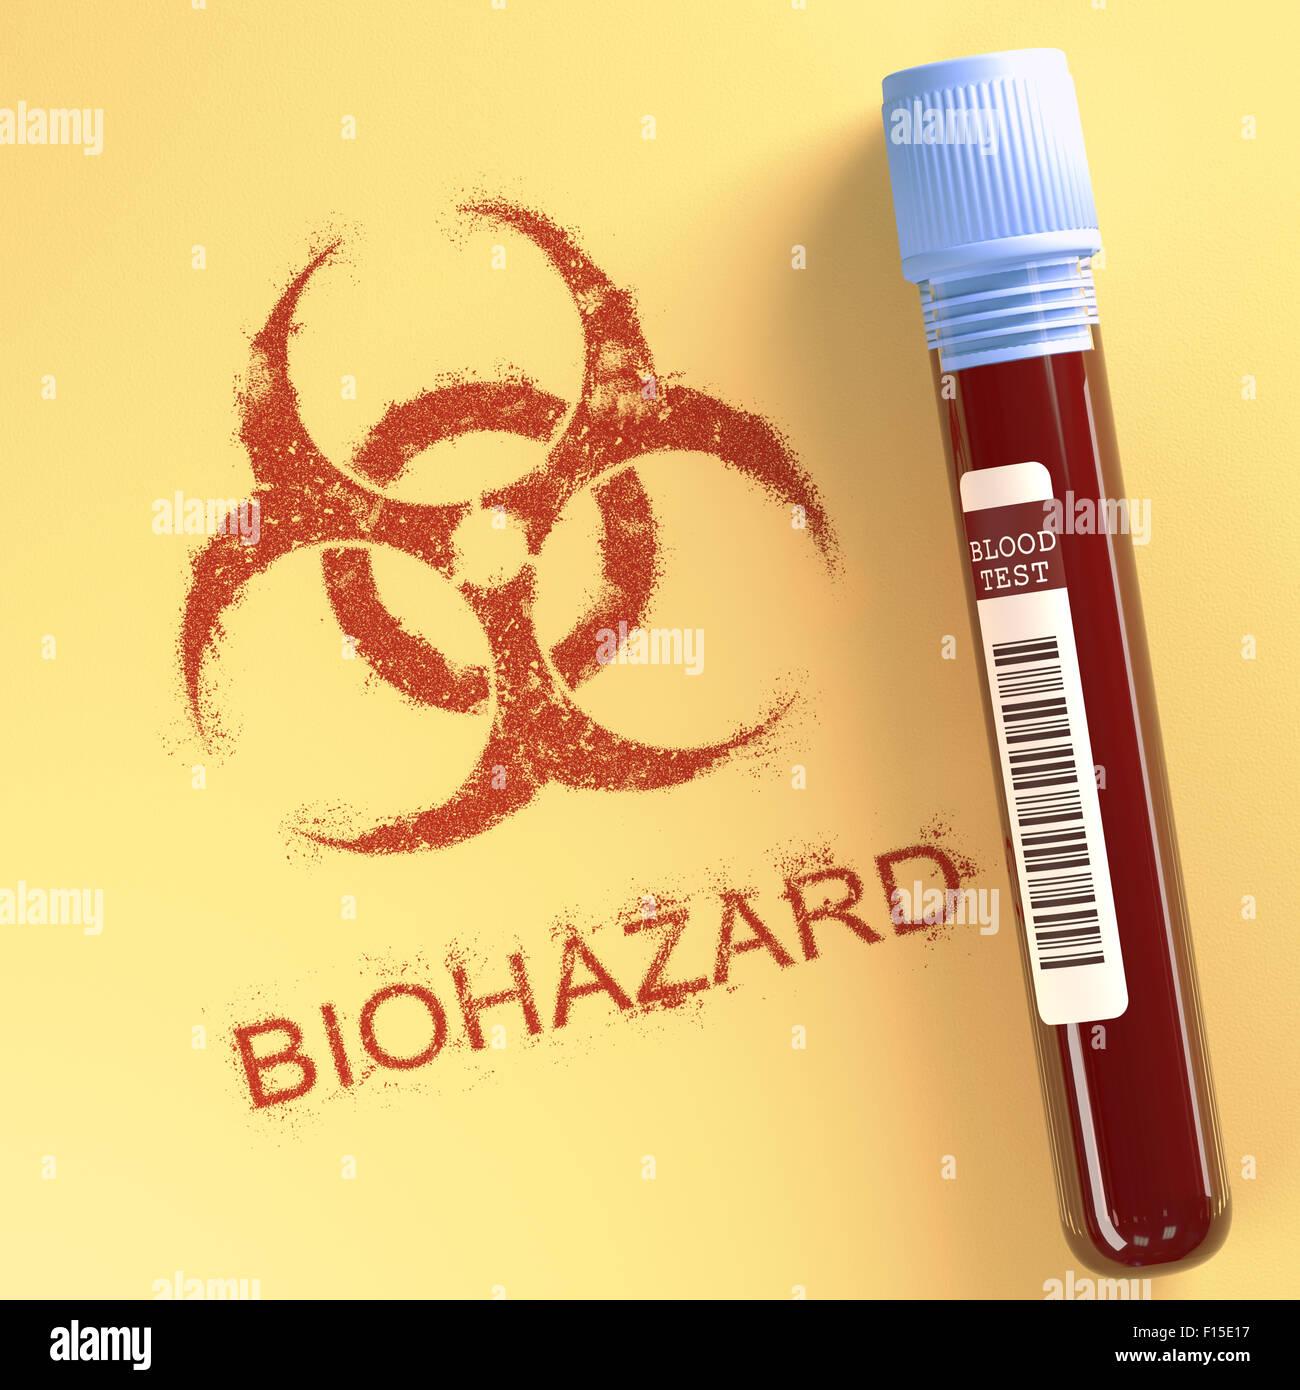 Test tube with contaminated blood symbol on paper indicating test tube with contaminated blood symbol on paper indicating danger clipping path included buycottarizona Images